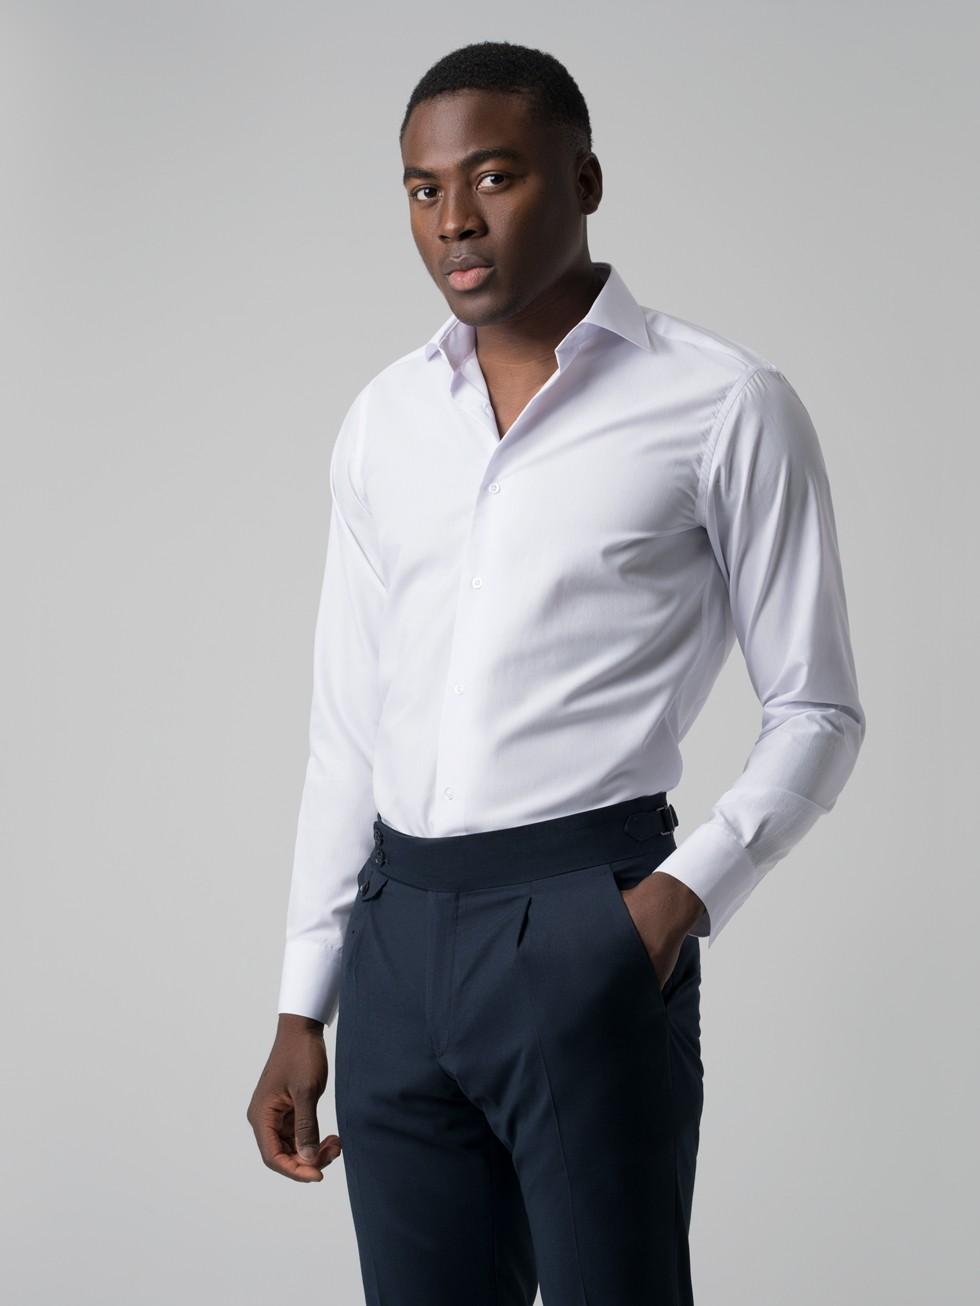 Camisa Básica Slim Blanca Fit Básica Camisa Slim WEDHIe29Y